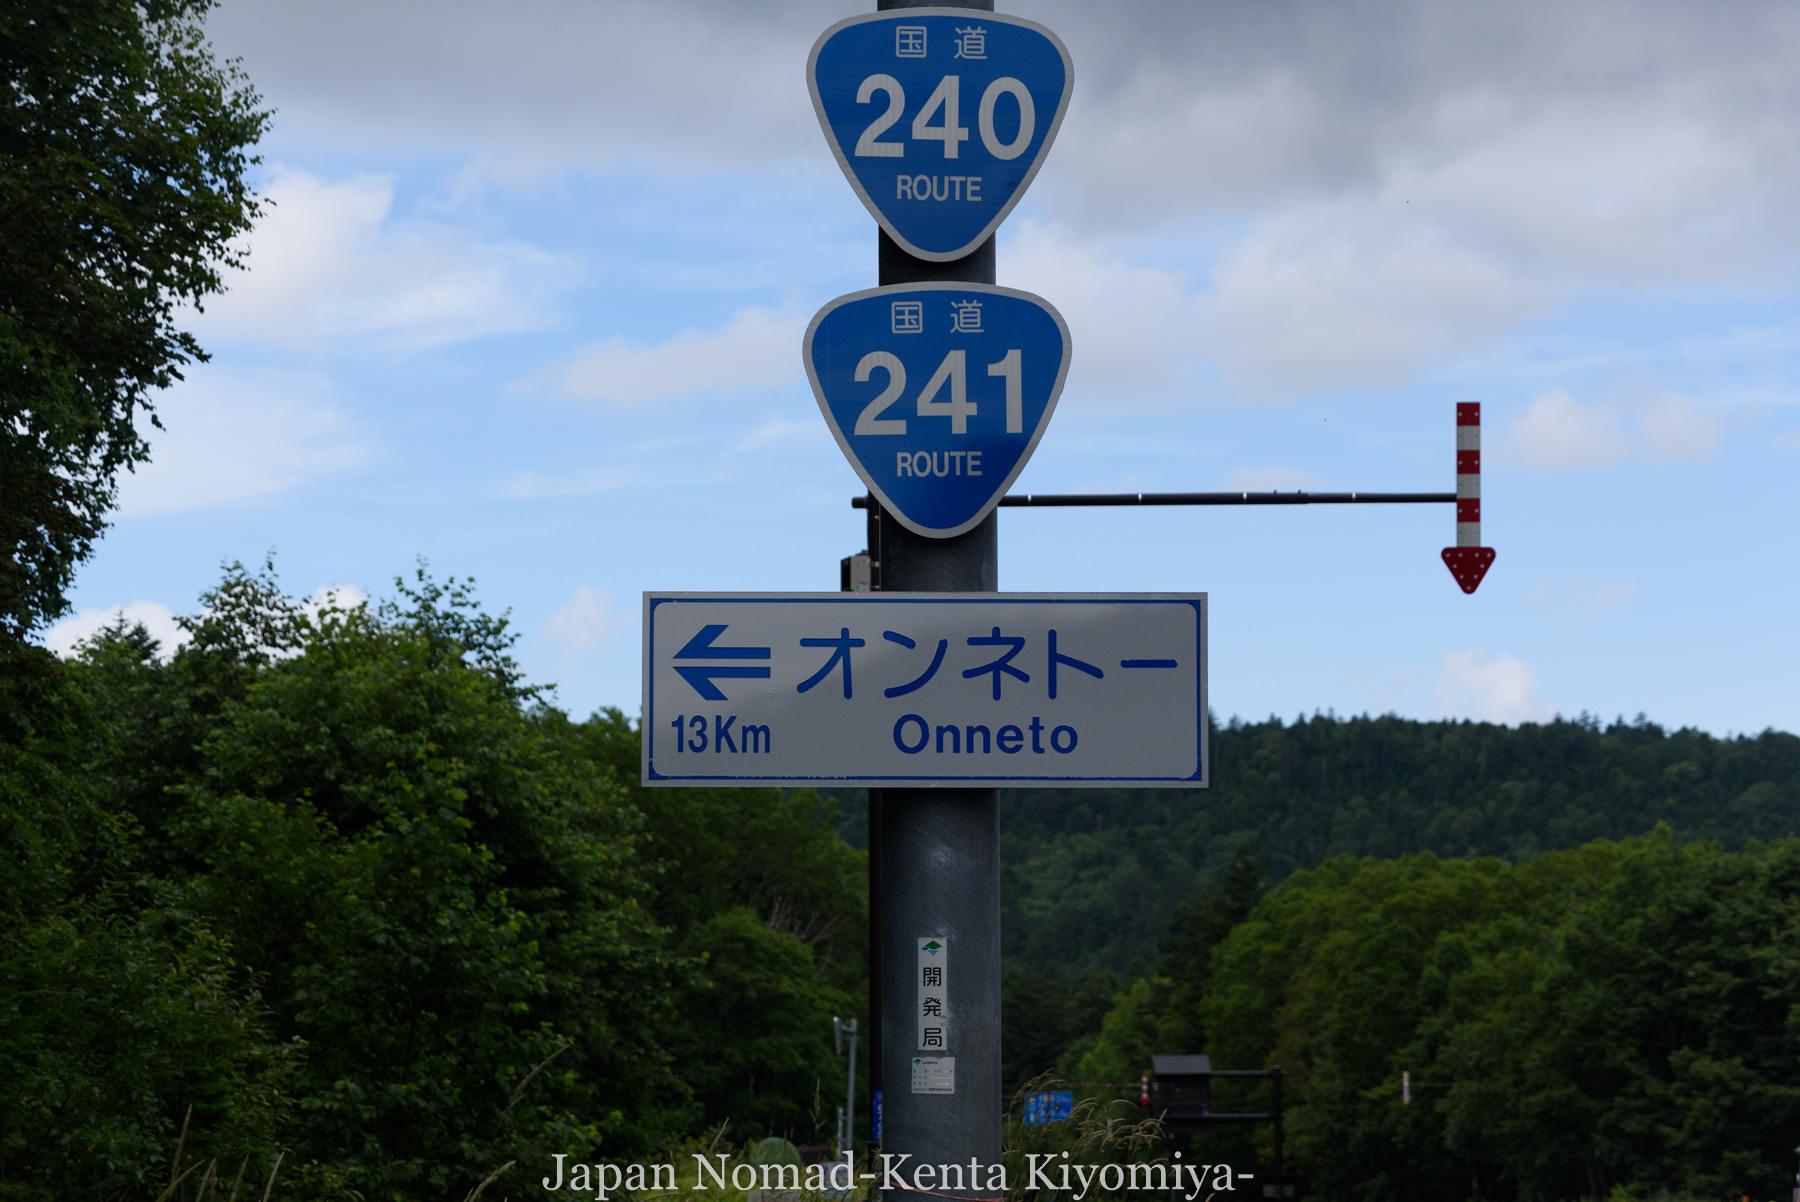 自転車日本一周99日目(オンネトー、雌阿寒岳)-Japan Nomad (3)